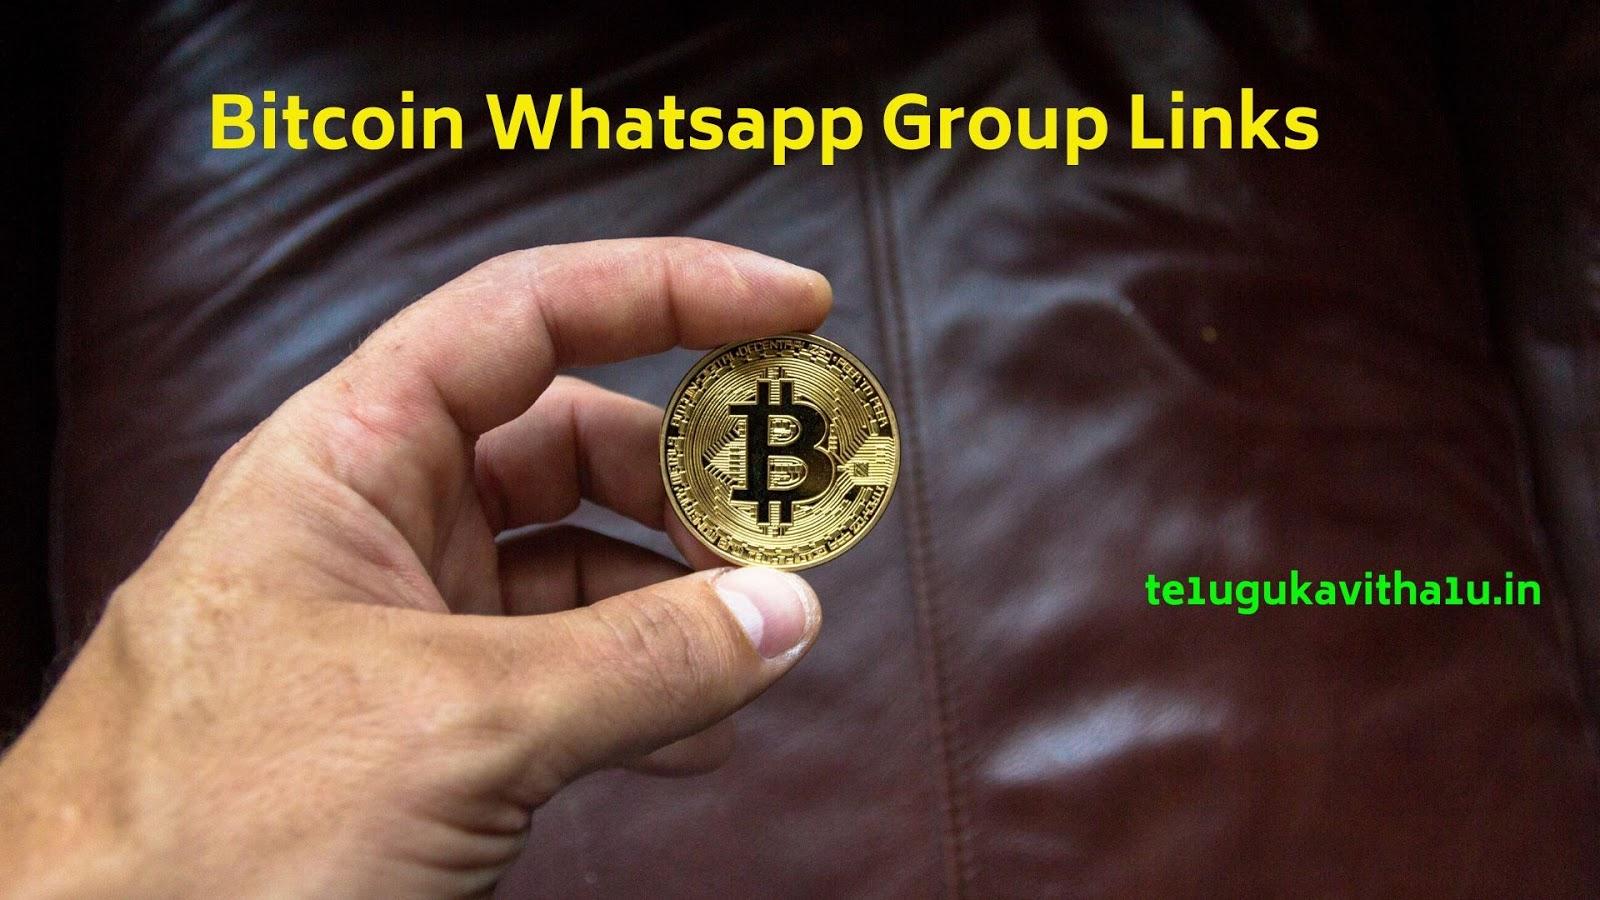 grupul bitcoin whatsapp